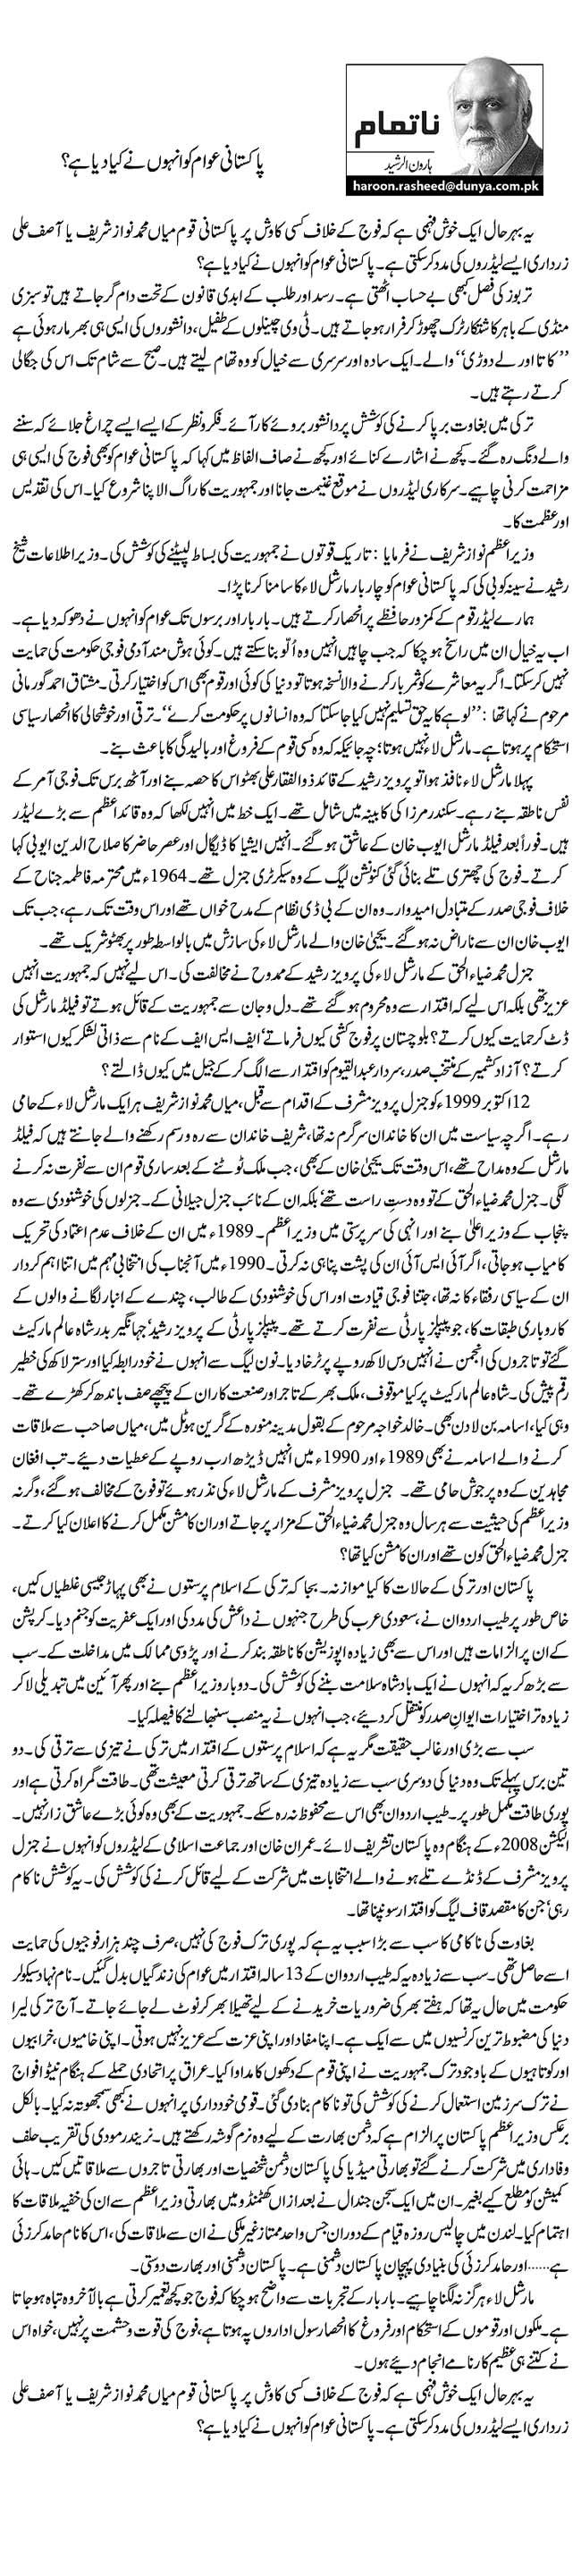 پاکستانی عوام کو انہوں نے کیا دیا ہے؟